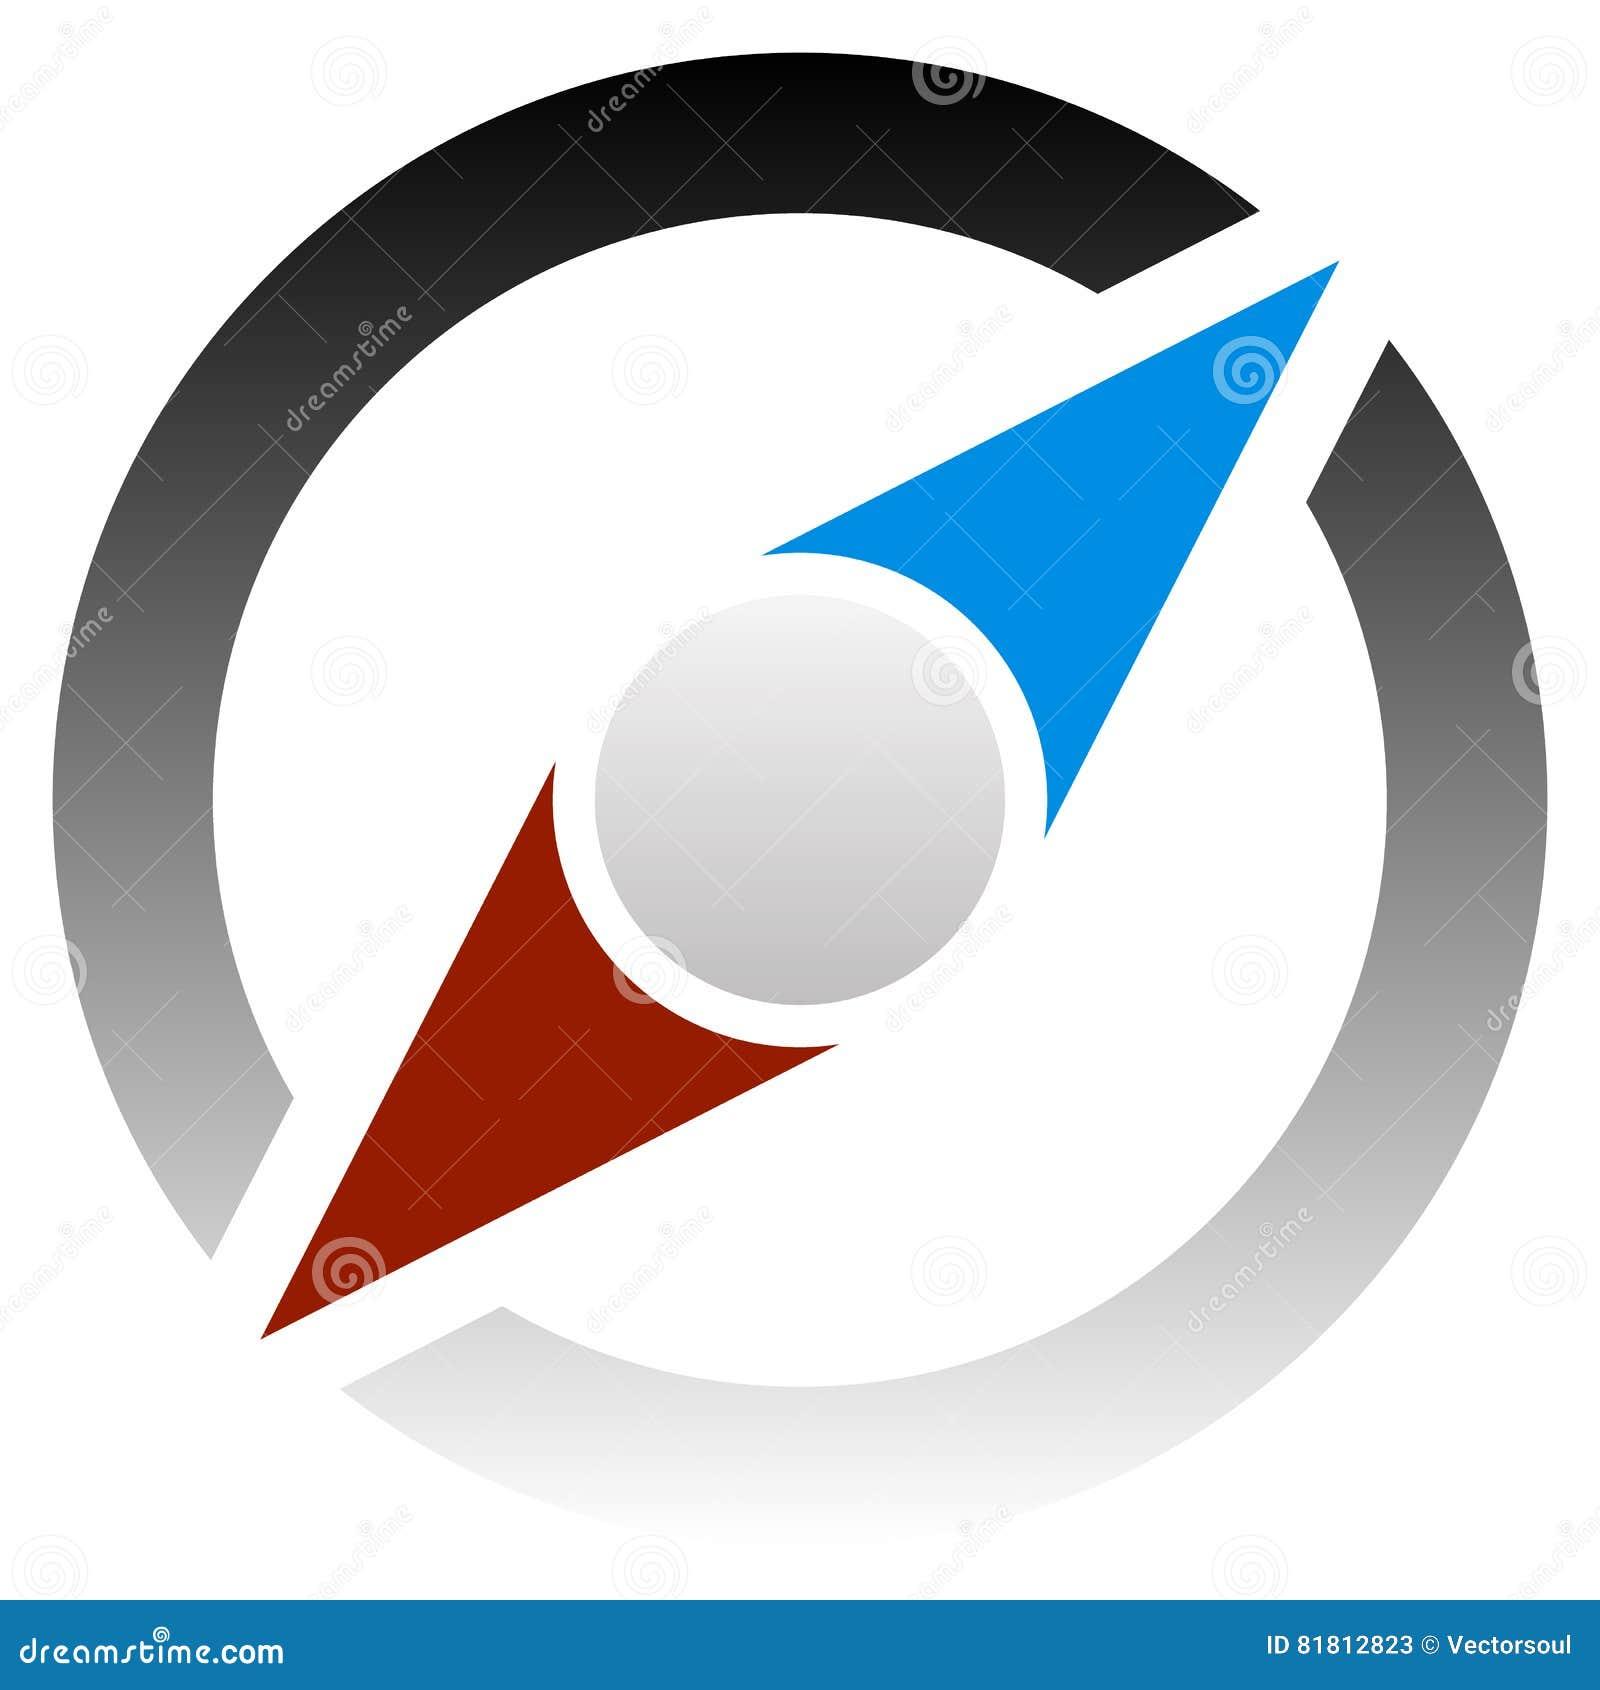 Compass значок для путешествия, задействуйте, путешествуйте, концепции наведения